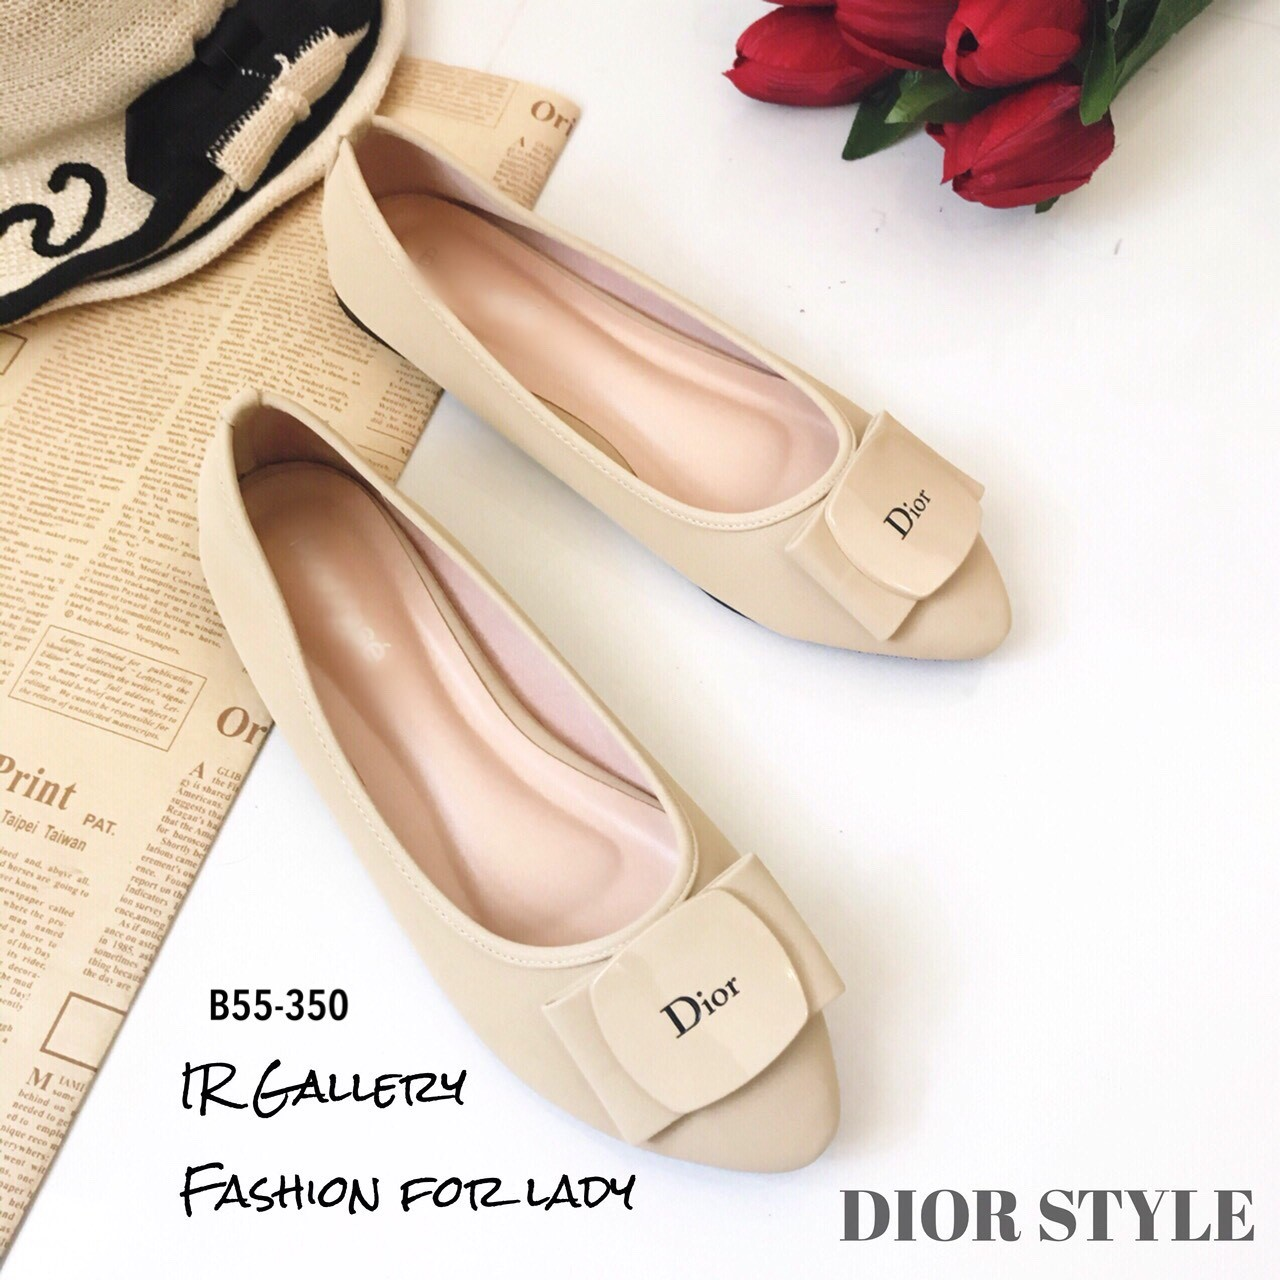 รองเท้าคัทชูส้นแบน Style Dior (สีครีม)